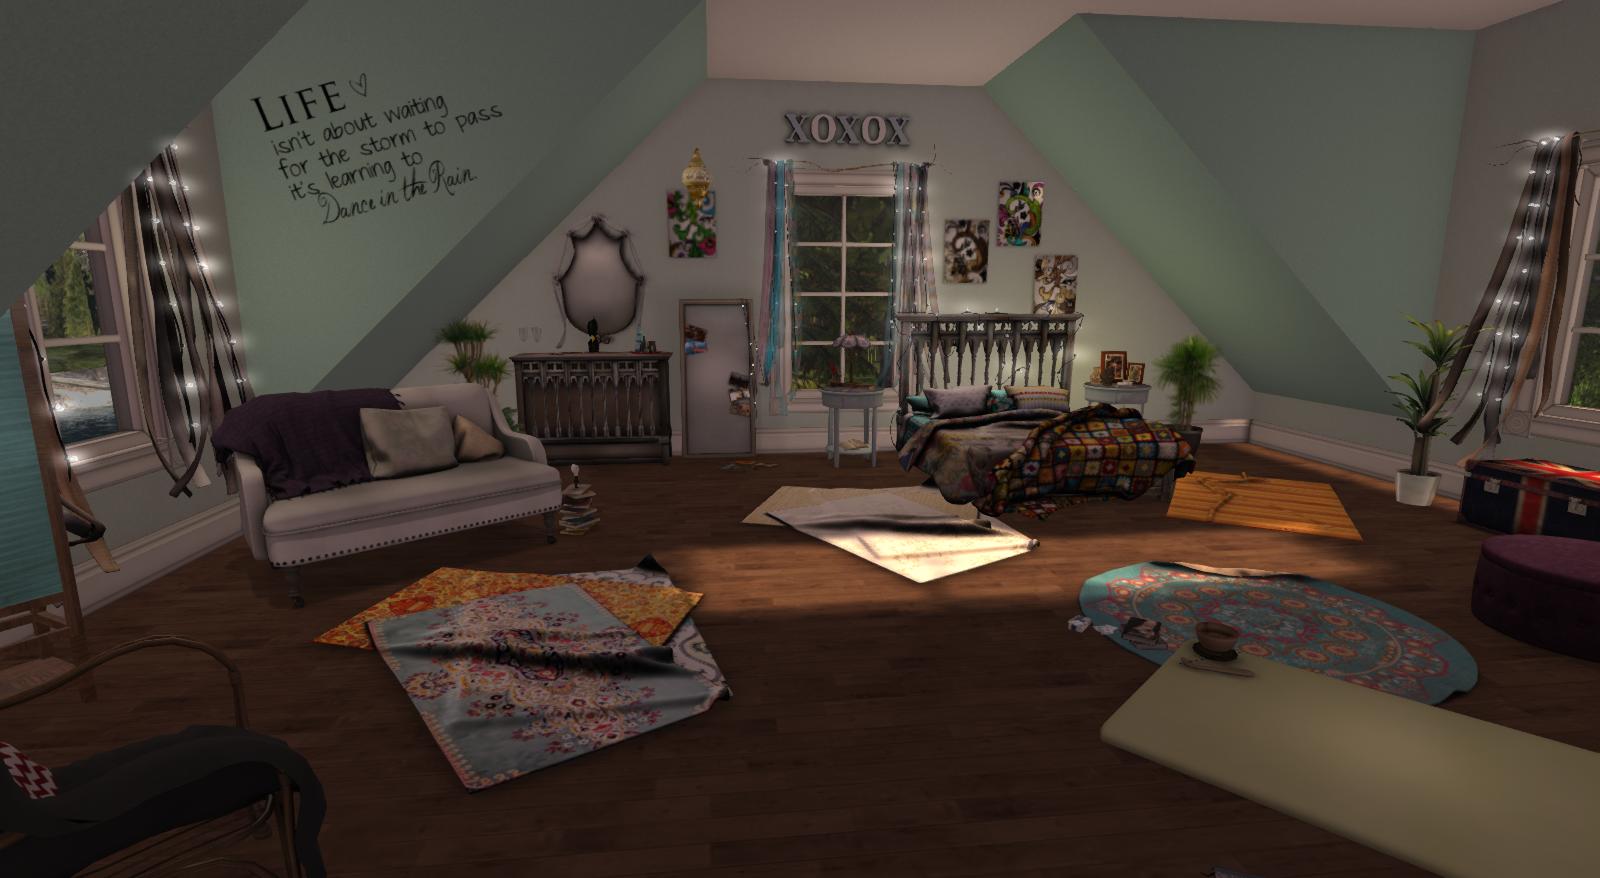 Wandfarben für das schlafzimmer (tipps & beispiele)   markenbaumarkt24